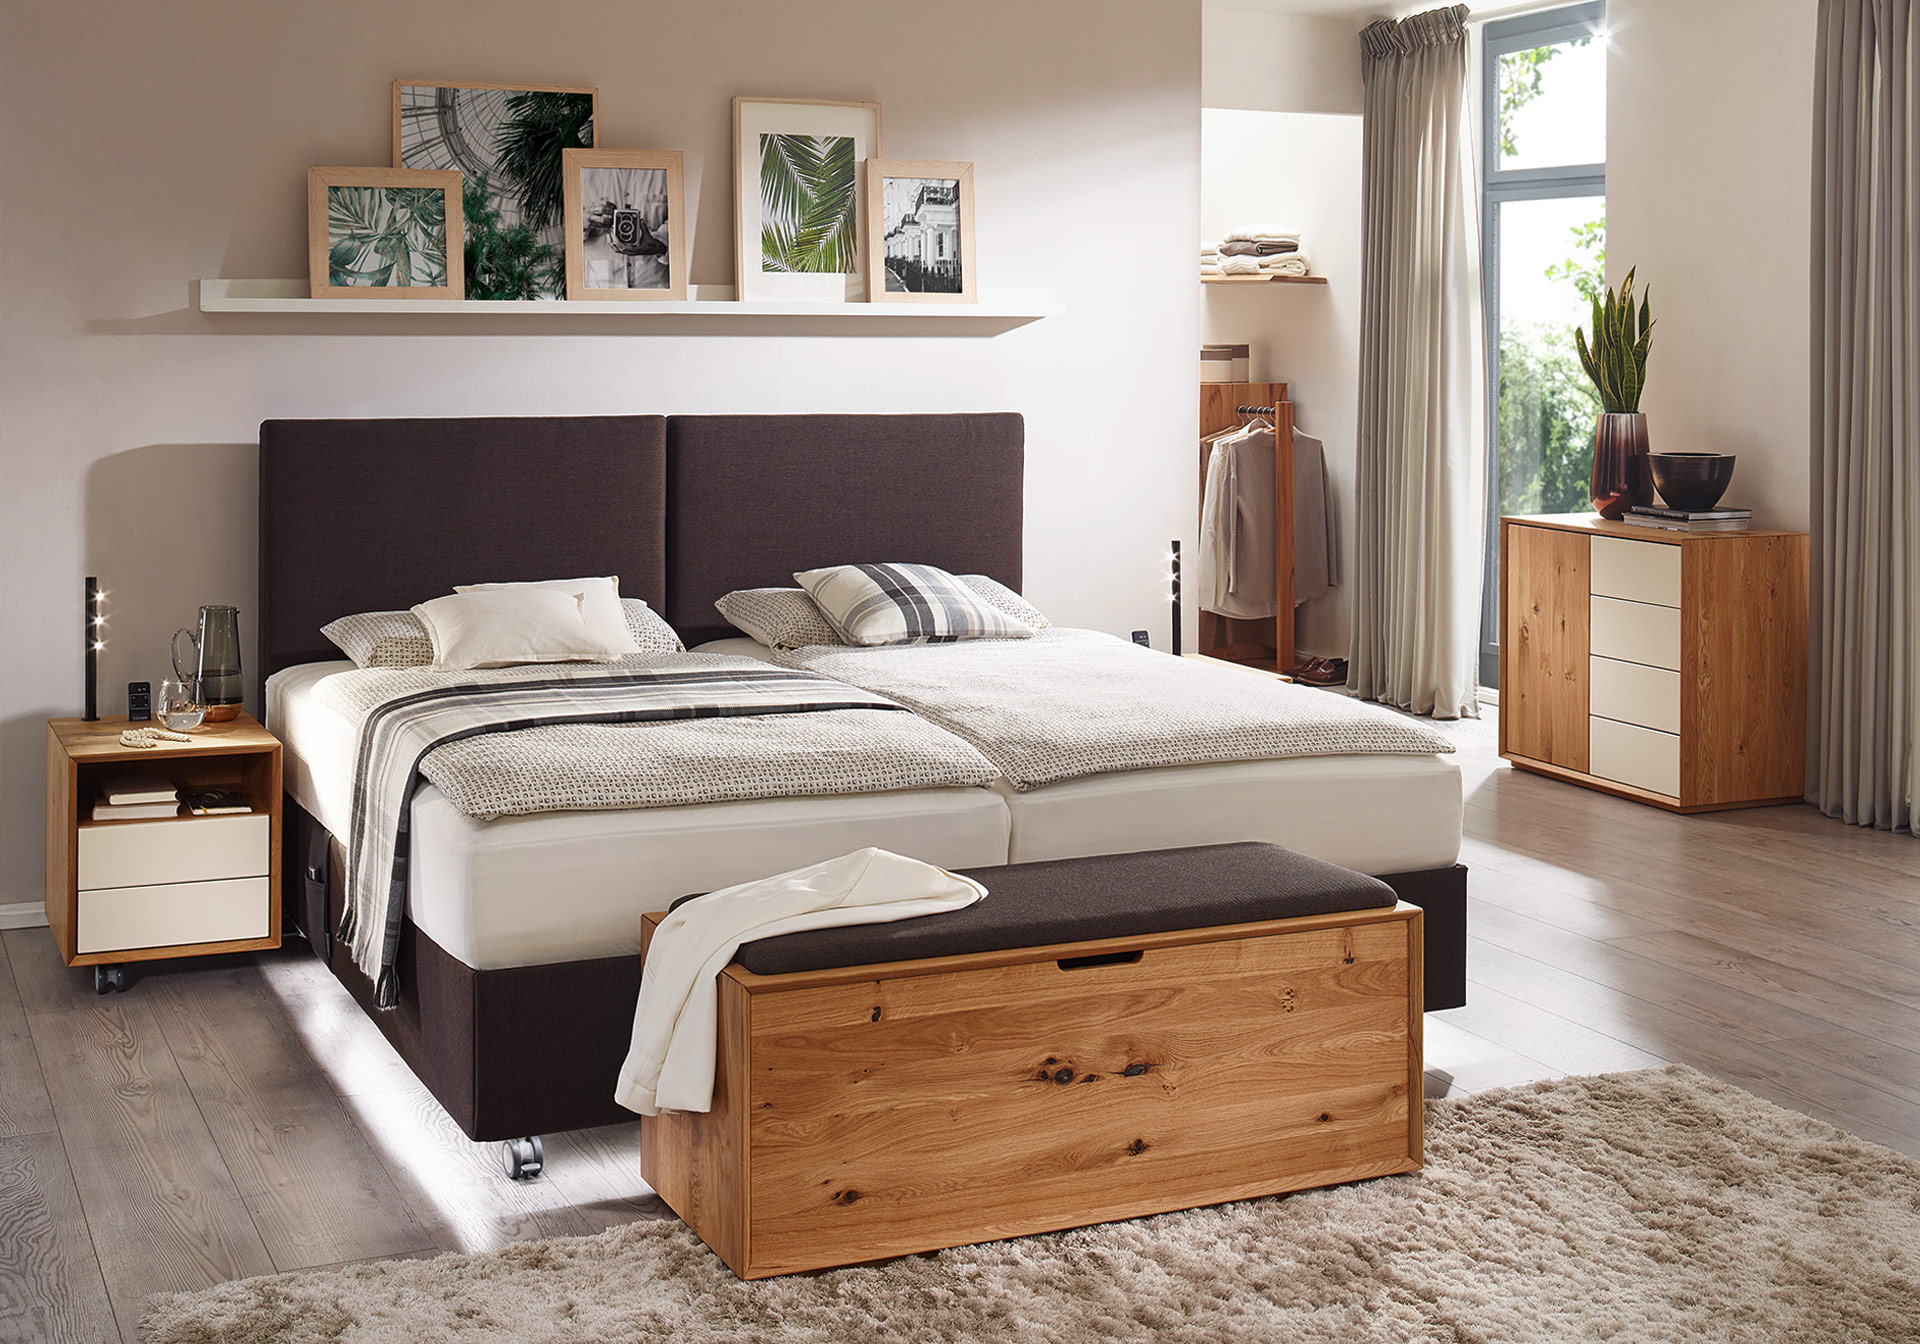 Full Size of Hhenverstellbare Komfortbetten Kirchner Bett Betten.de